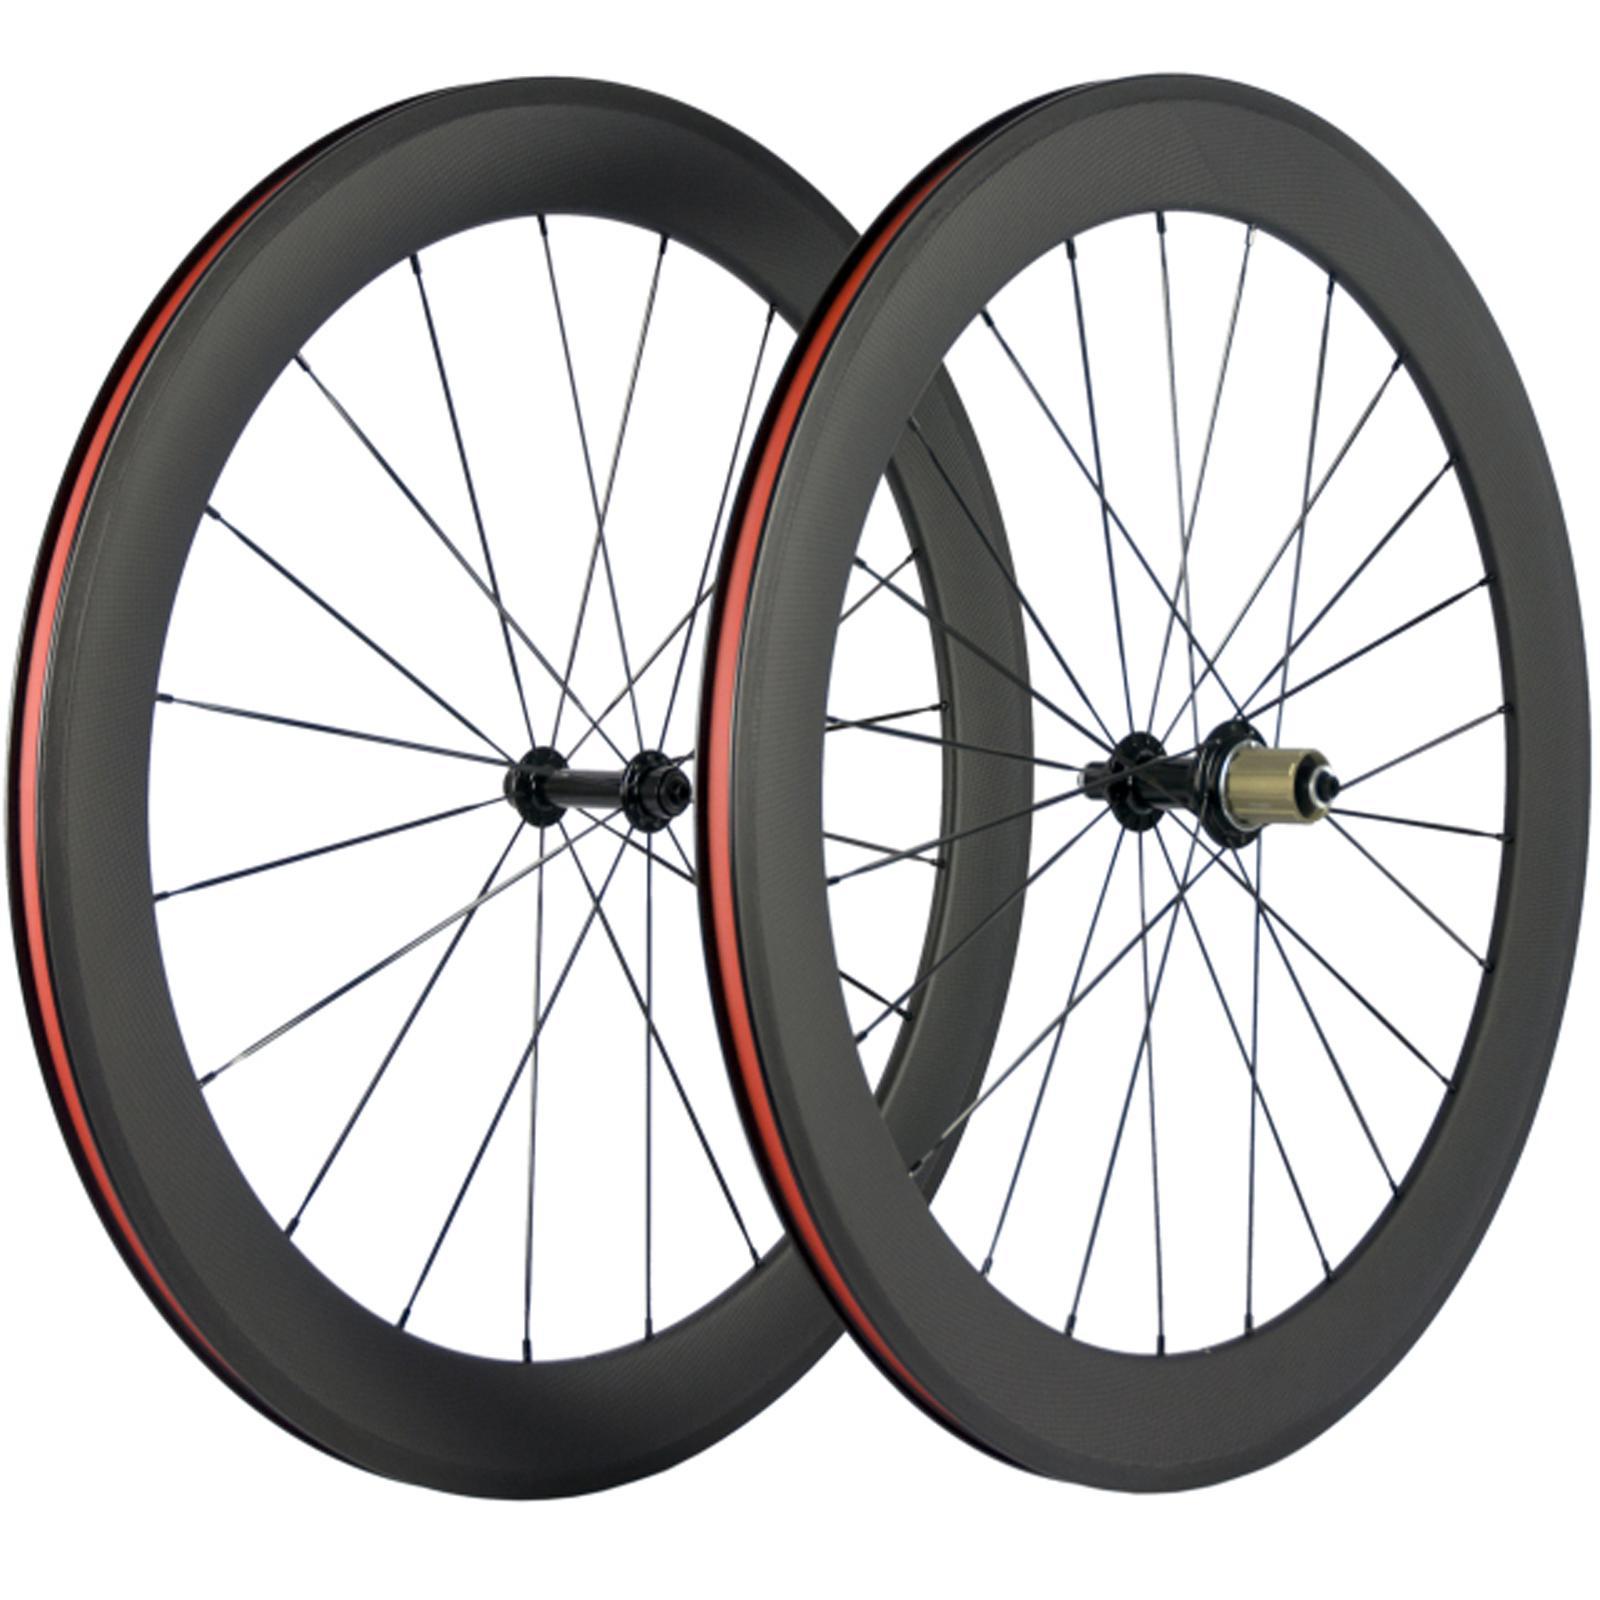 700C Clincher carbono Wheelset 60 milímetros Profundidade Road Bike Rodas 3k Superfície Matte Com basalto Brake Rodas 23 milímetros Largura